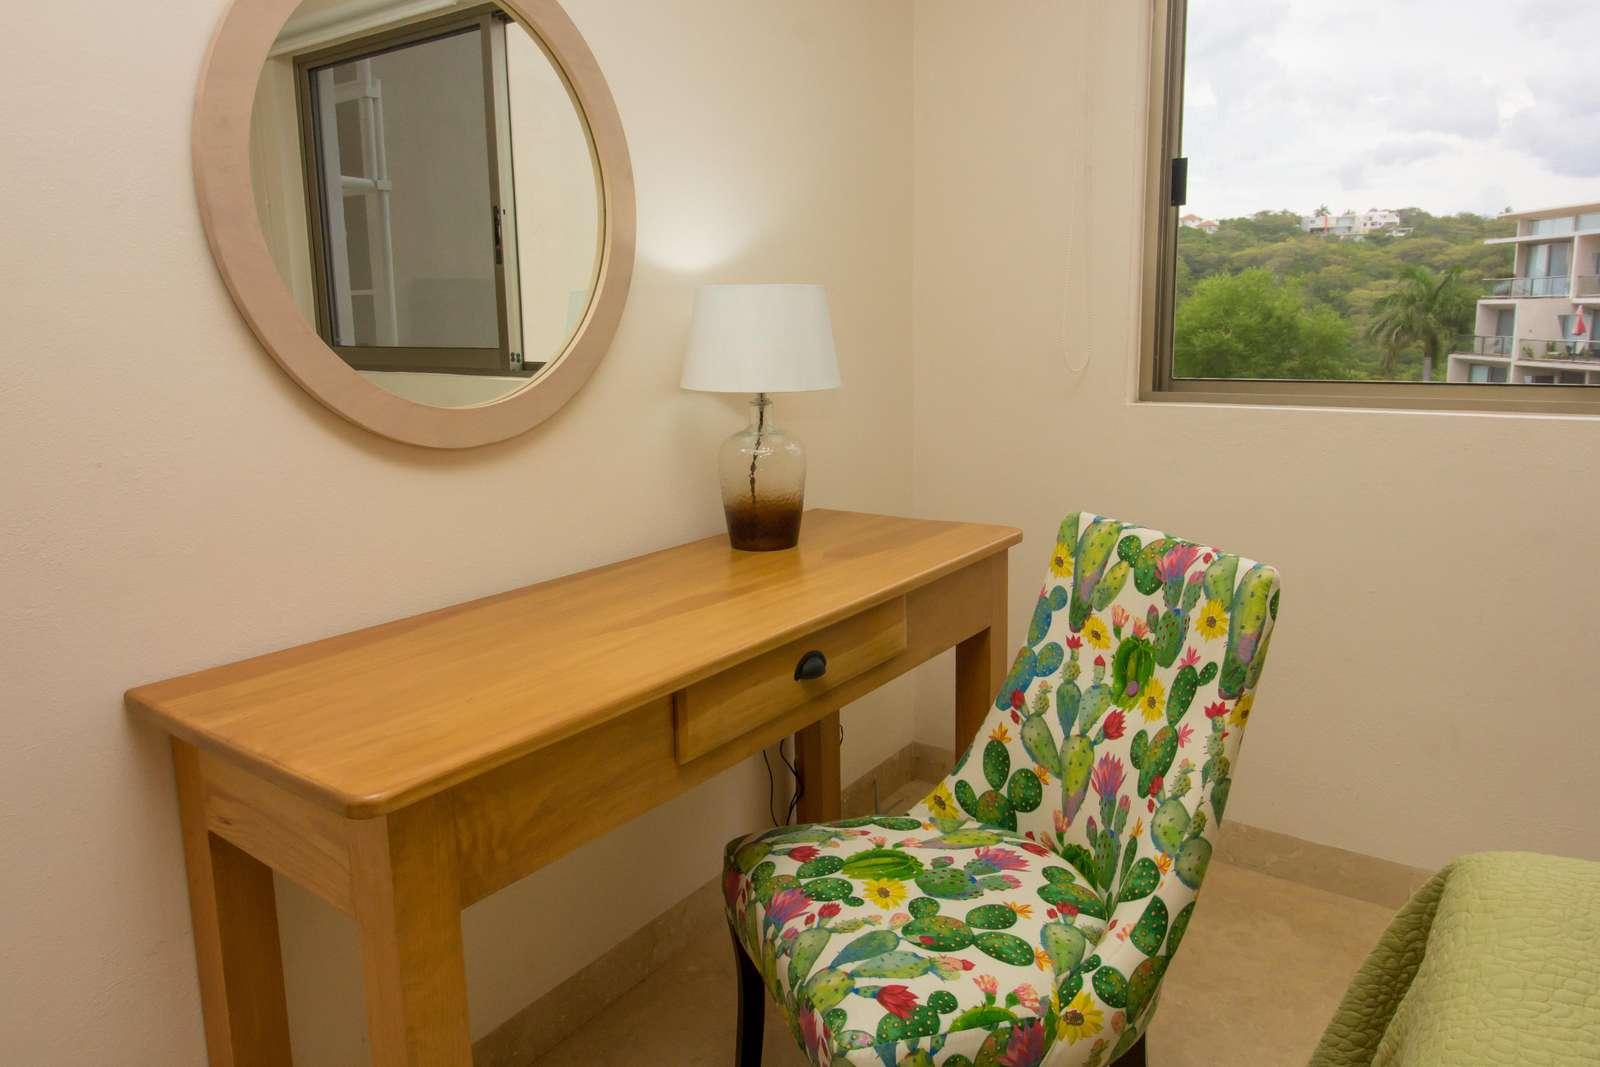 Second bedroom workspace